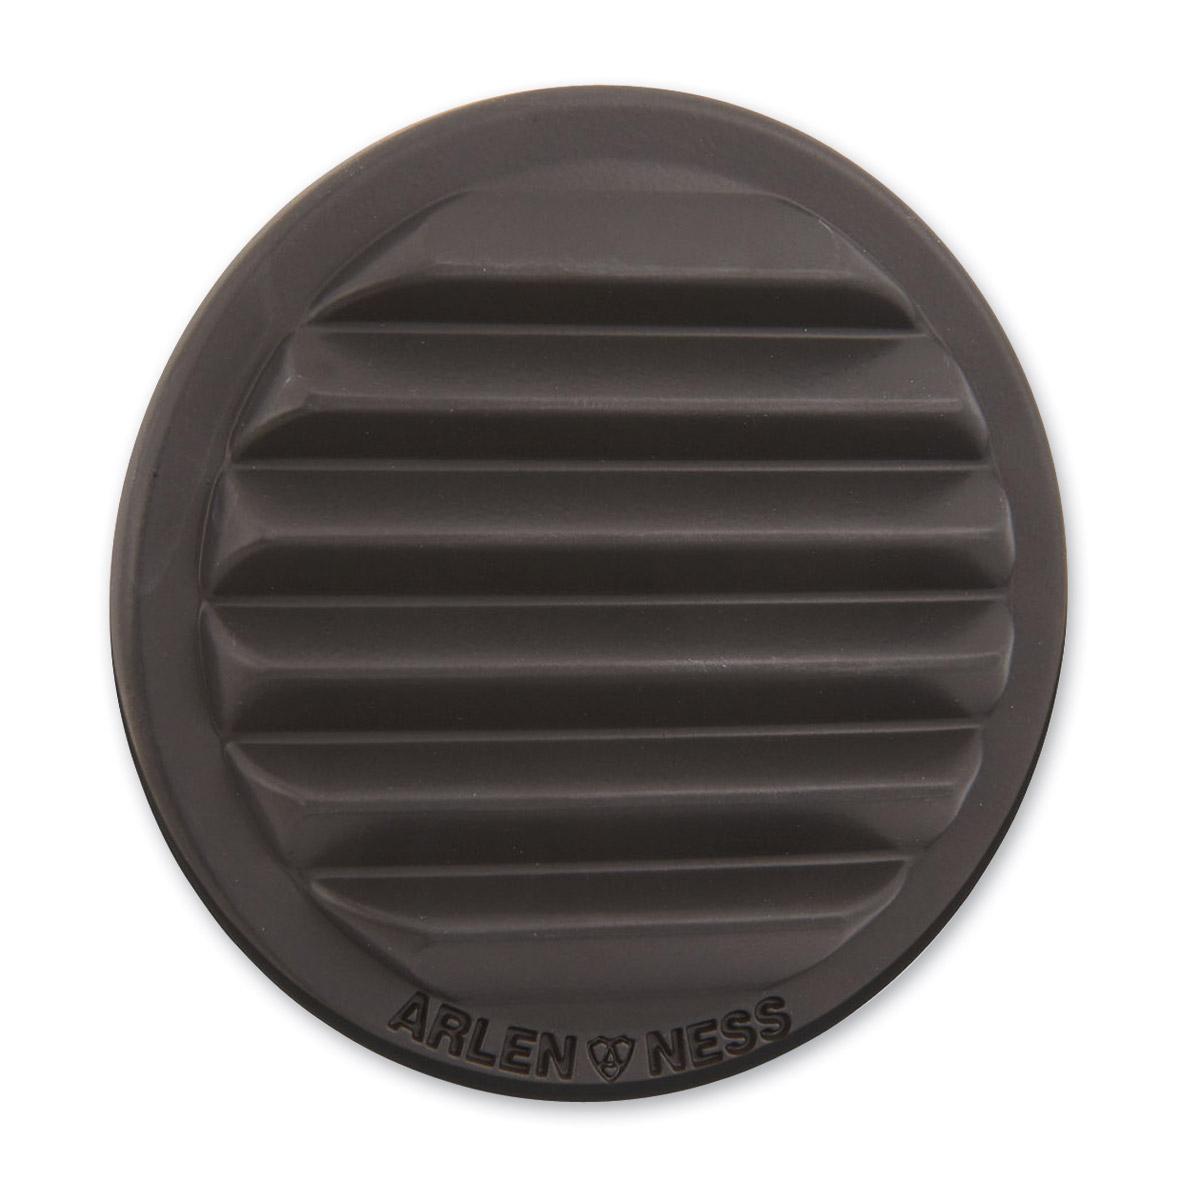 Arlen Ness Retro Black Cam Cover